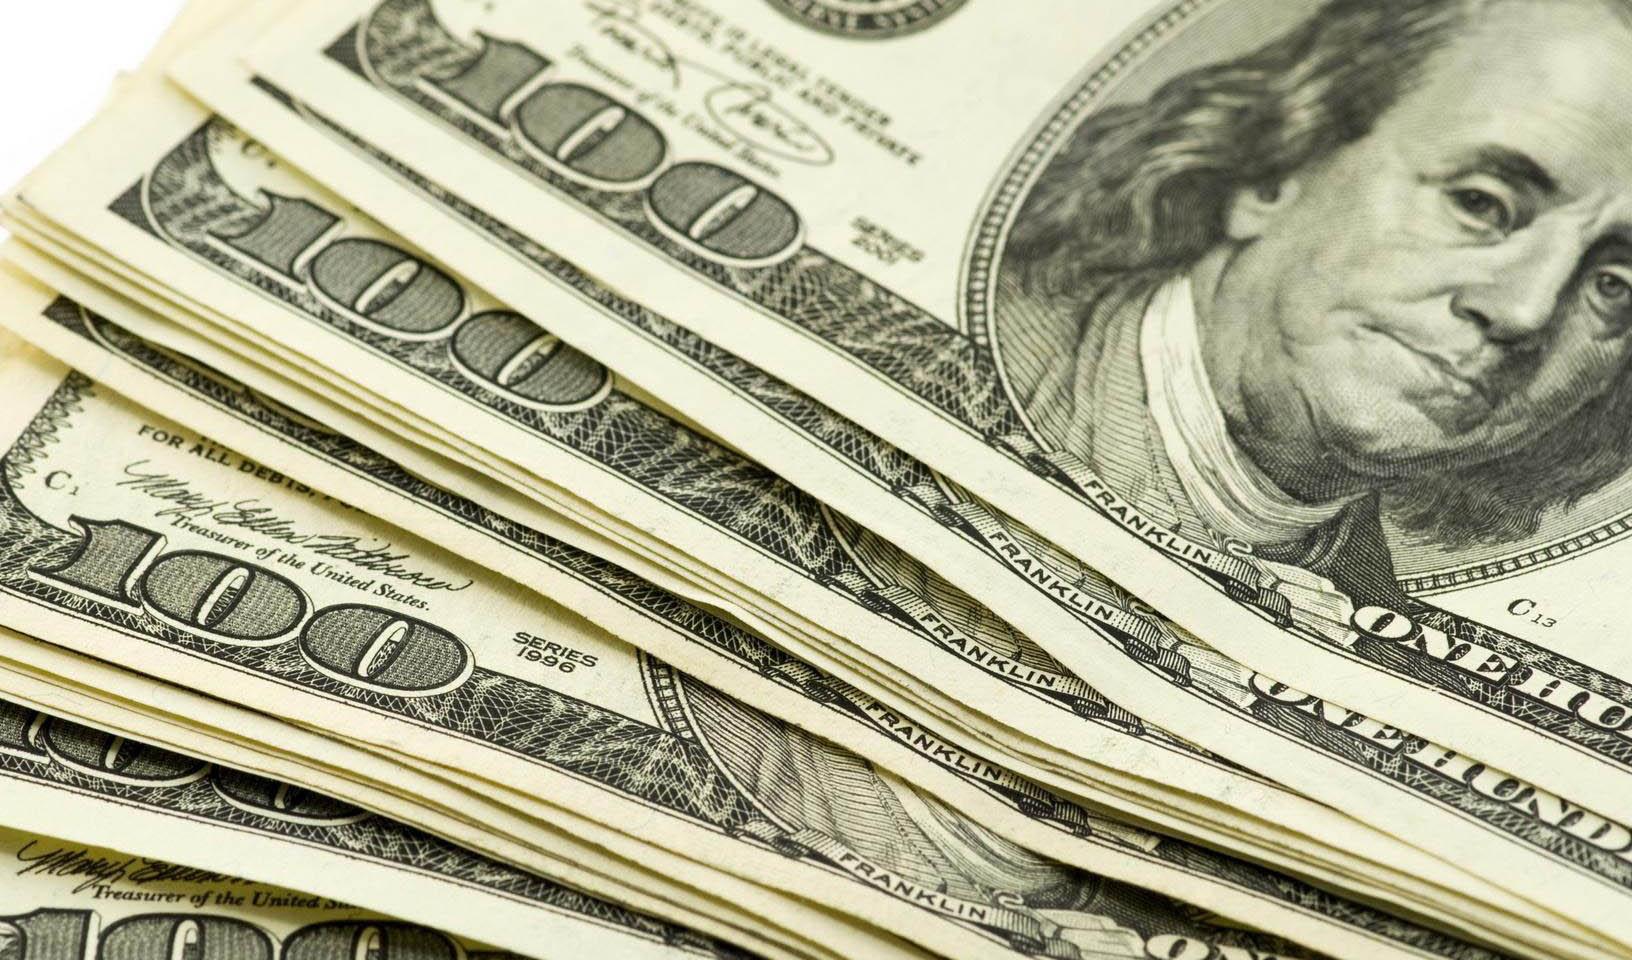 دلار در صرافیهای بانکی ۱۱۴۵۰ قیمت خورد